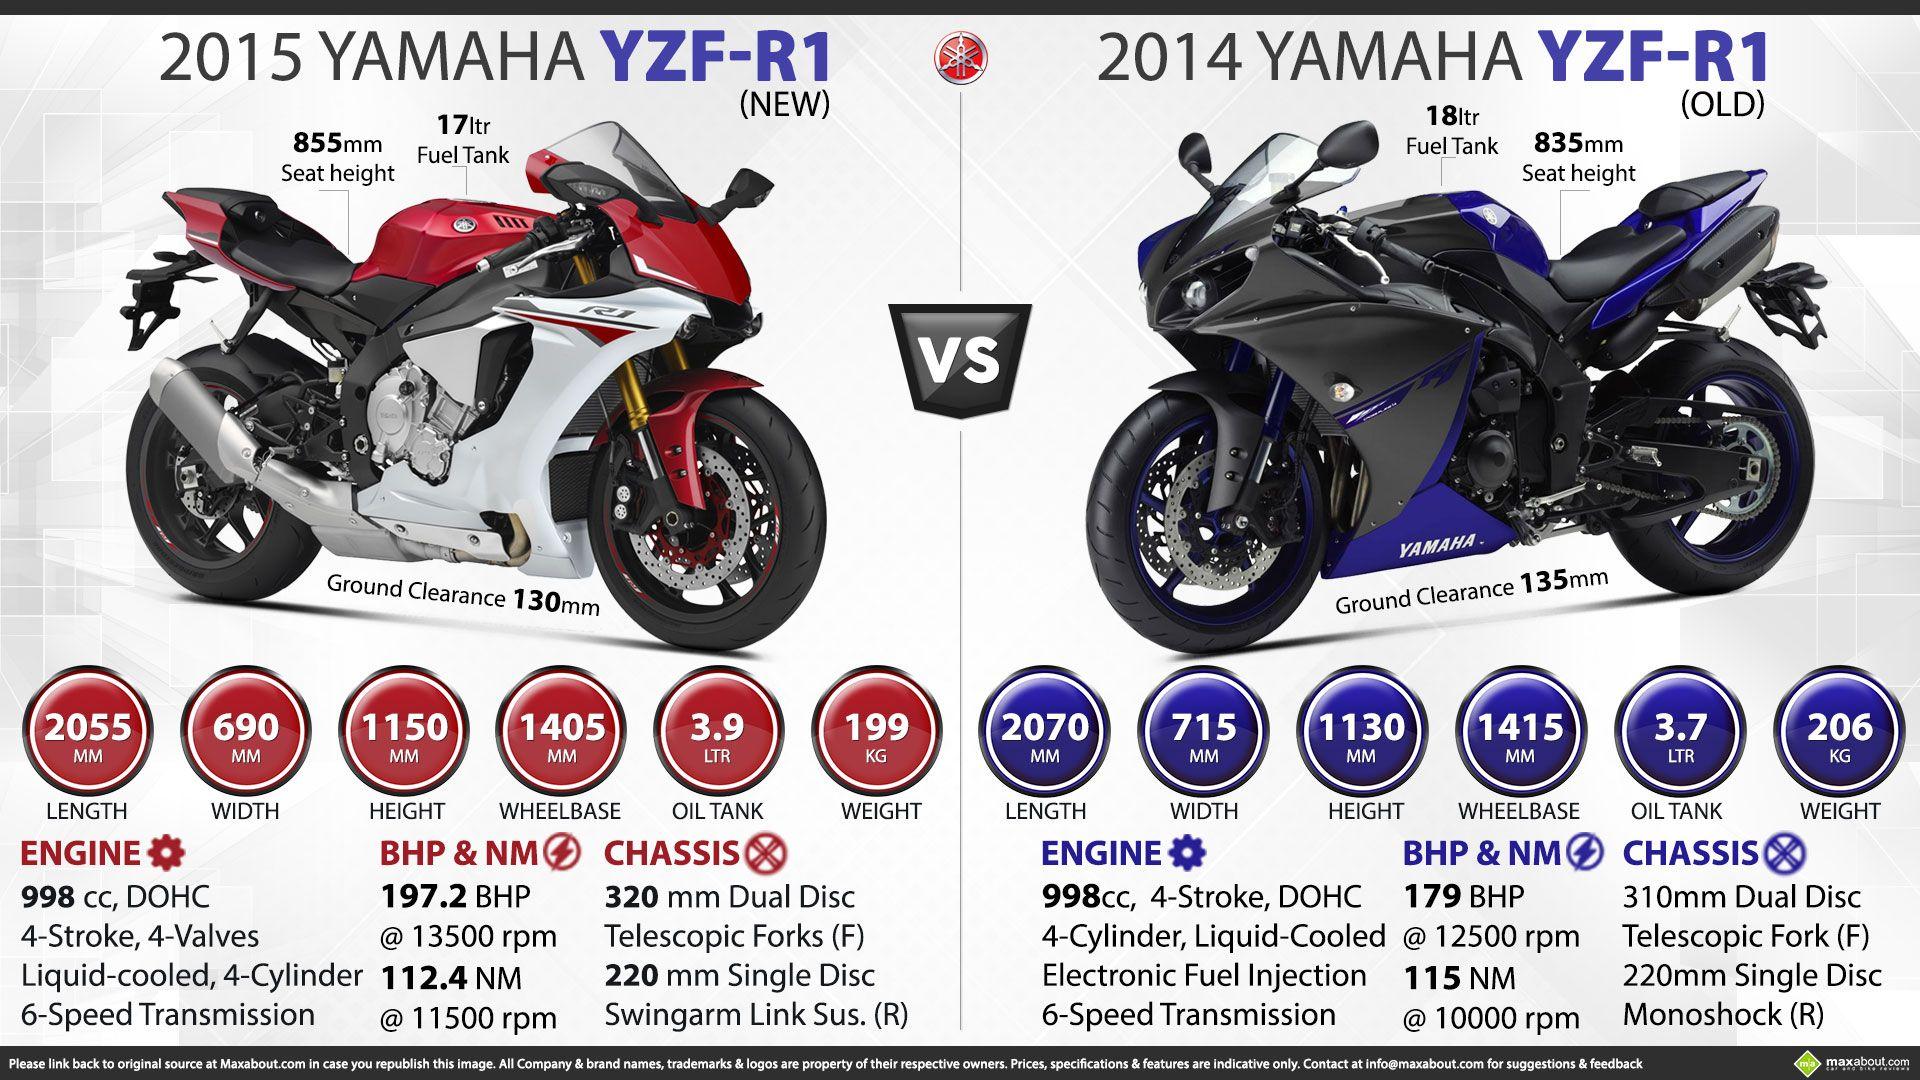 New Yamaha Yzf R1 Vs Old Yamaha Yzf R1 Yamaha Yzf R1 Yamaha